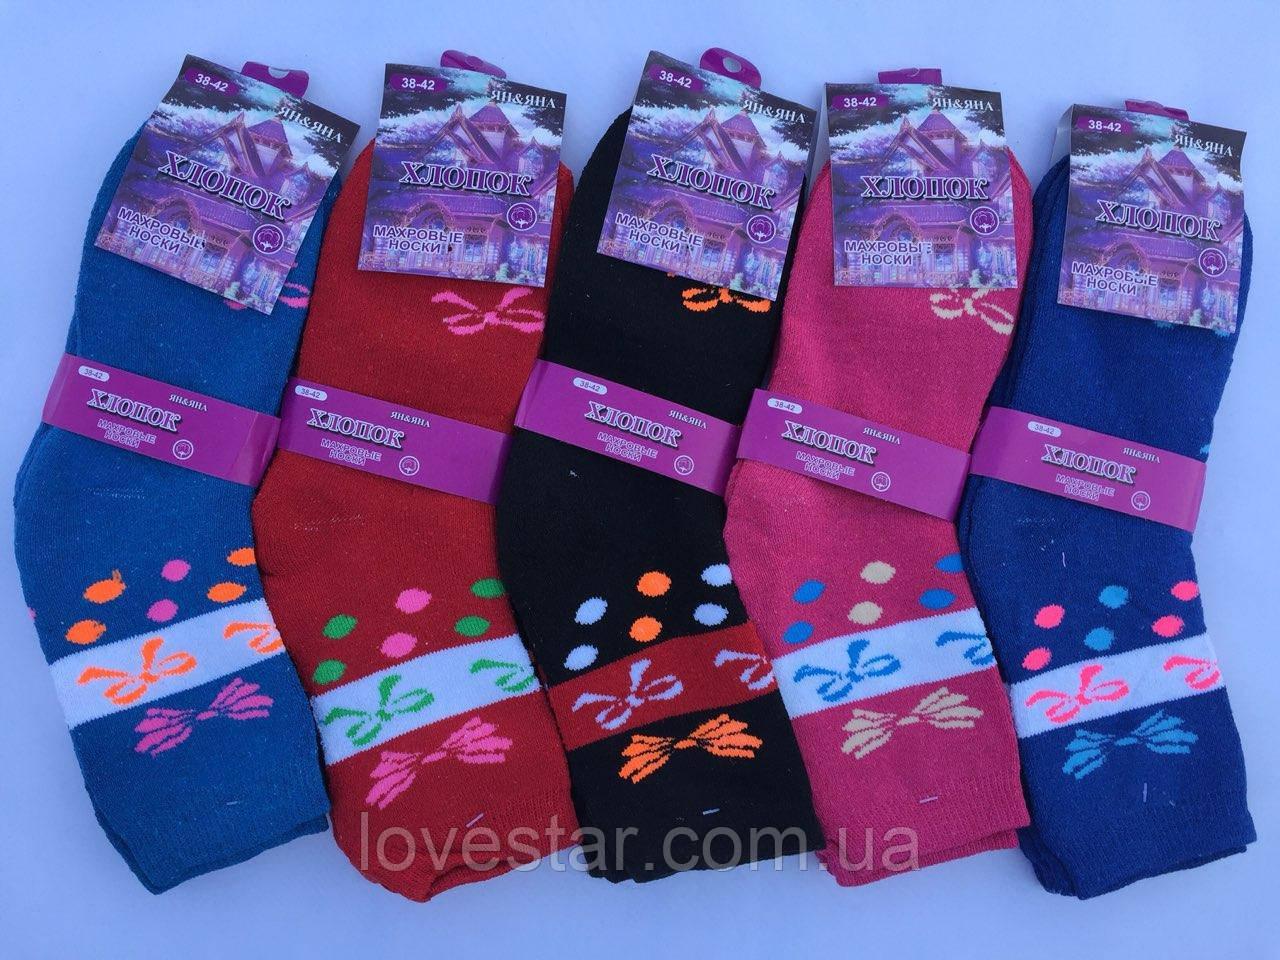 Махровые носки хлопок 38-42